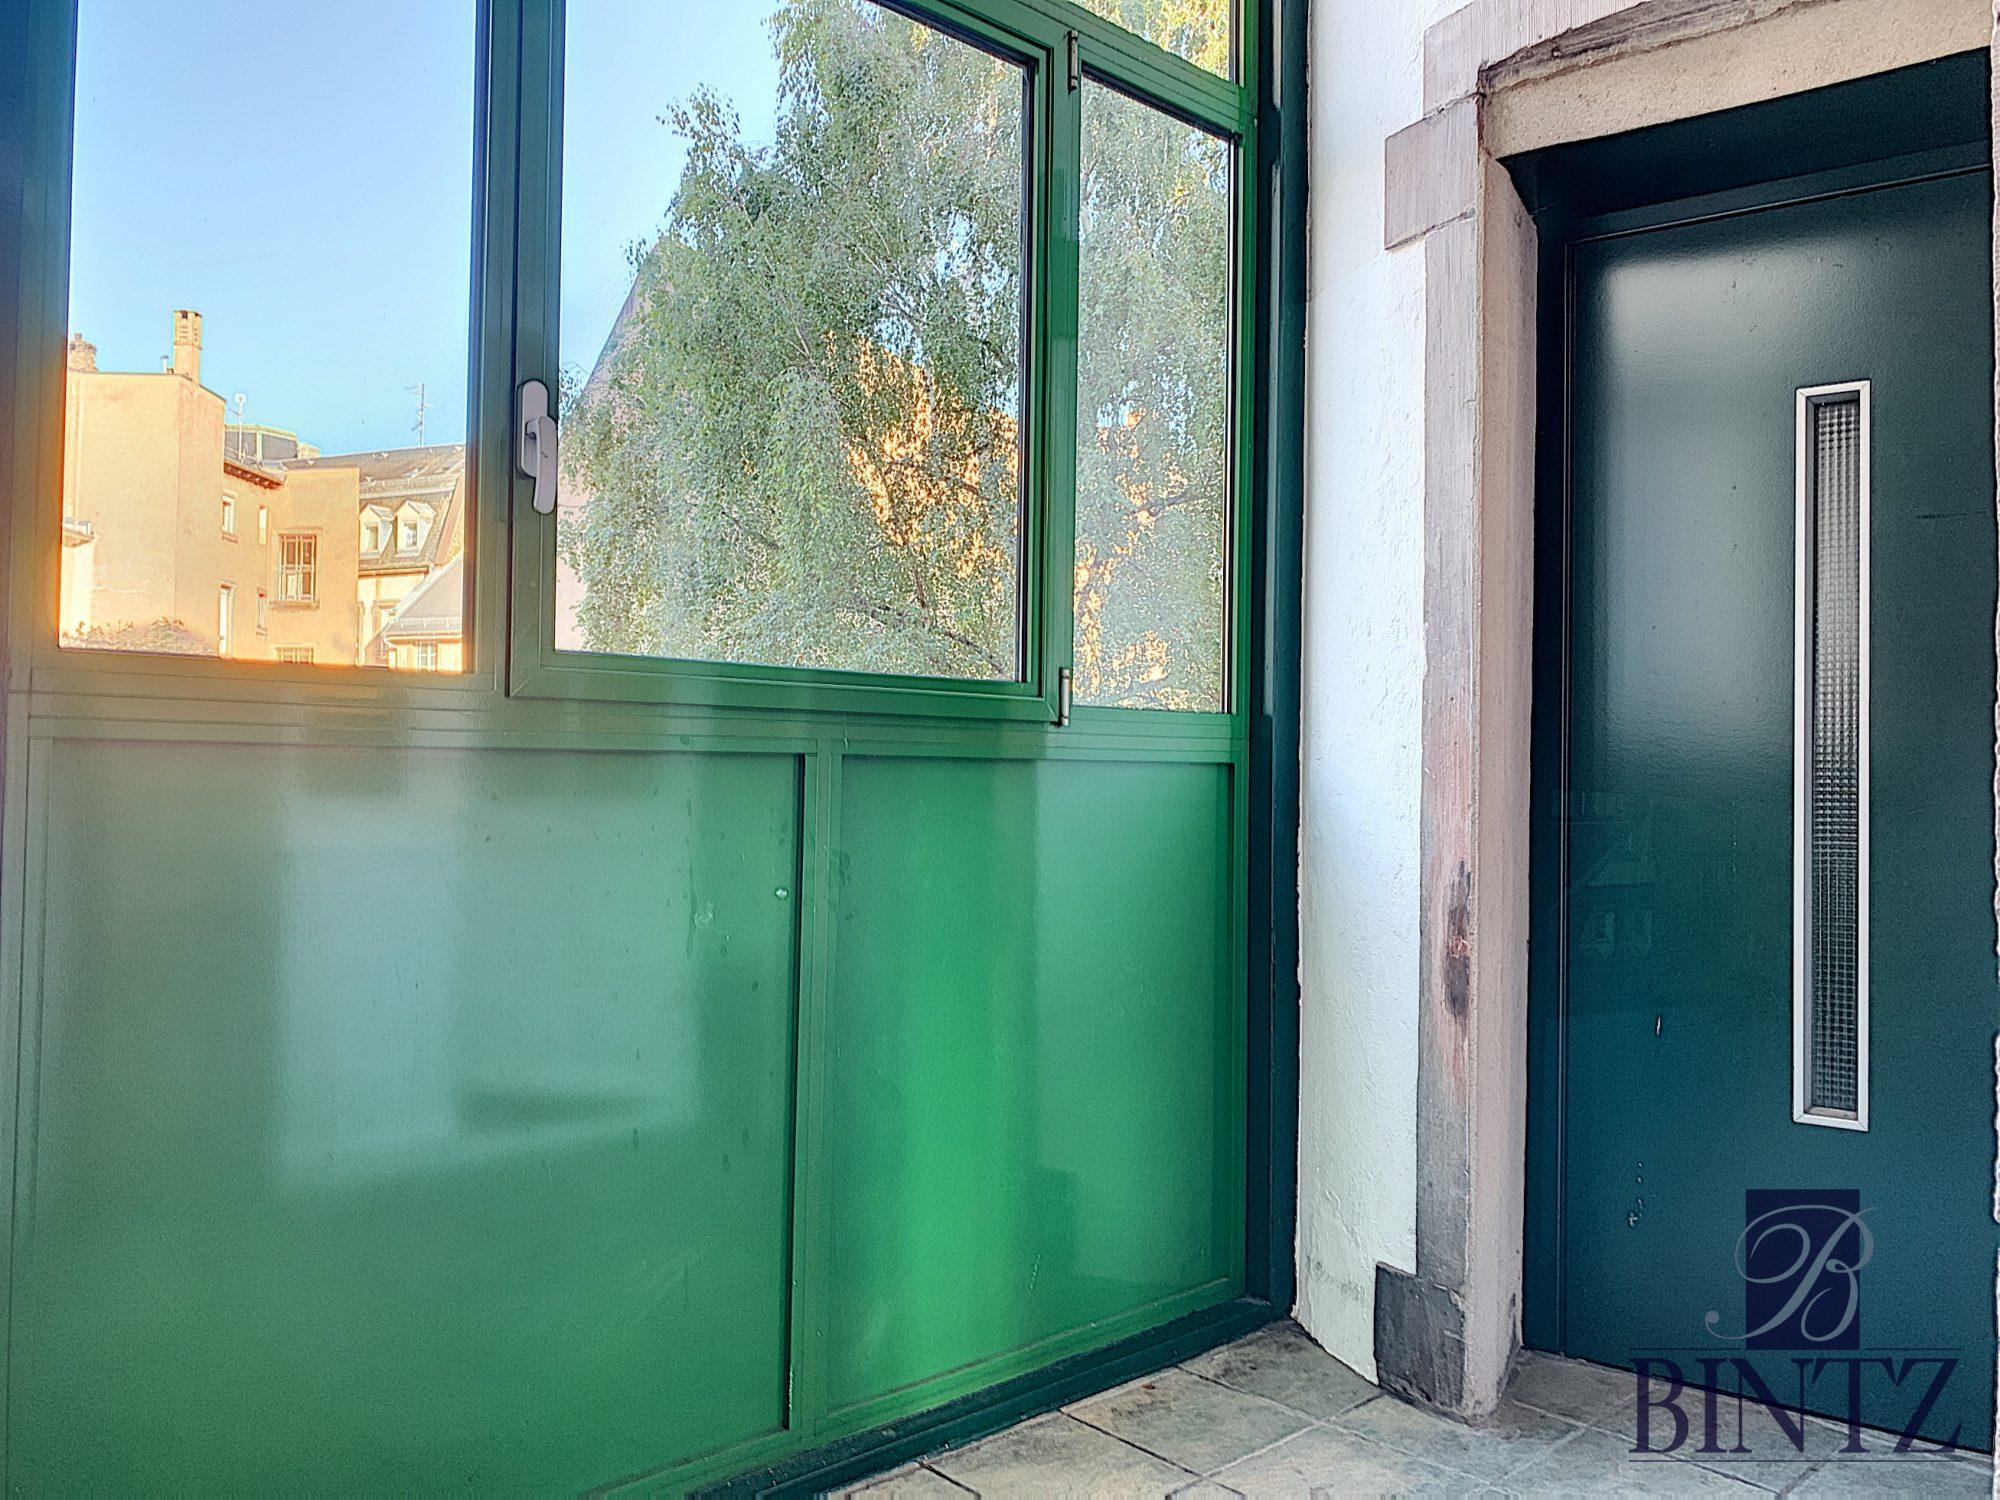 Exceptionnel 6pièces au Coeur de la NEUSTADT - Devenez locataire en toute sérénité - Bintz Immobilier - 15